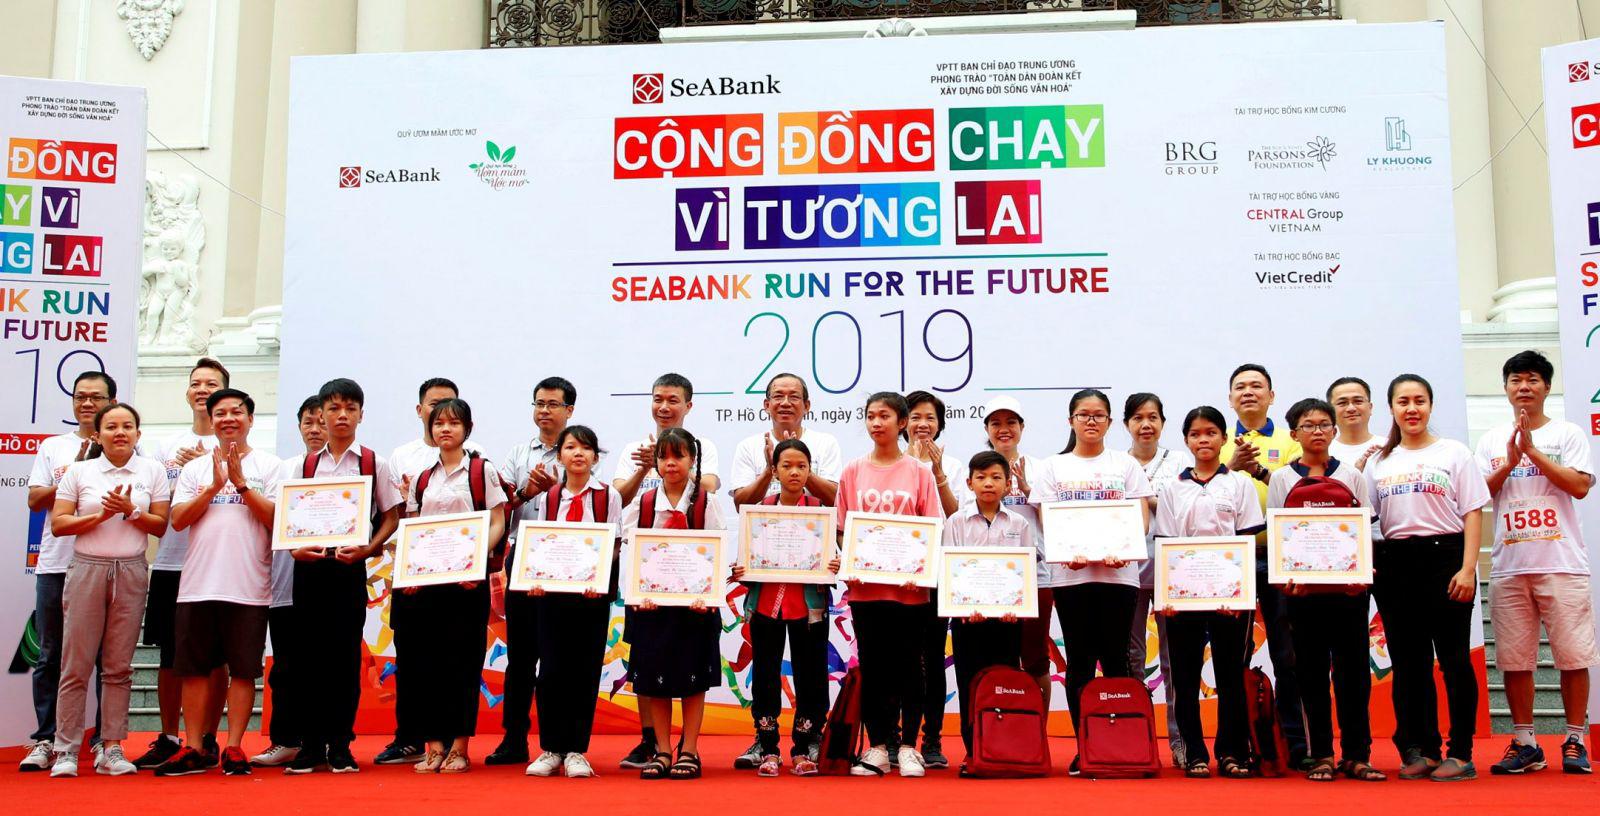 """SeABank trao học bổng """"Ươm mầm ước mơ"""" cho 11 học sinh giỏi có hoàn cảnh khó khăn ở các tỉnh, thành miền Nam. Ảnh: SeABank cung cấp"""